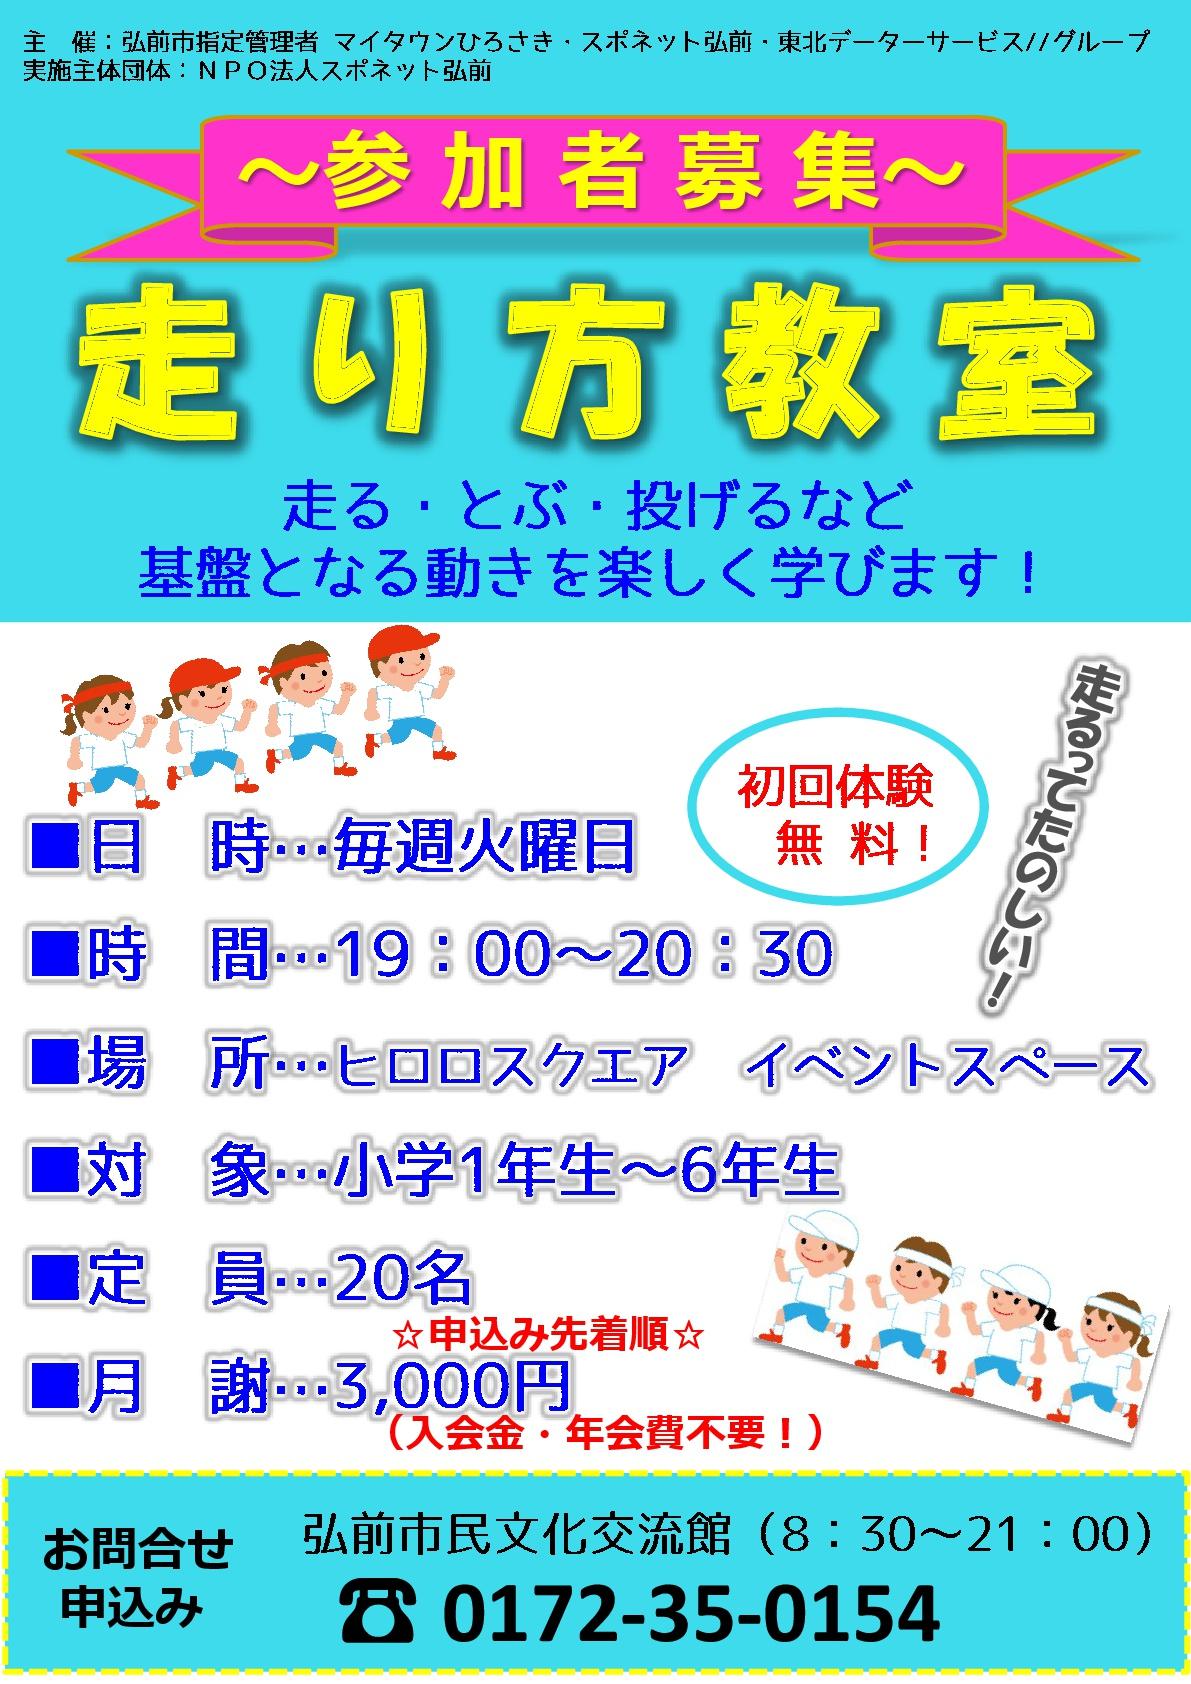 走り方教室チラシ(カラー)-001.jpg